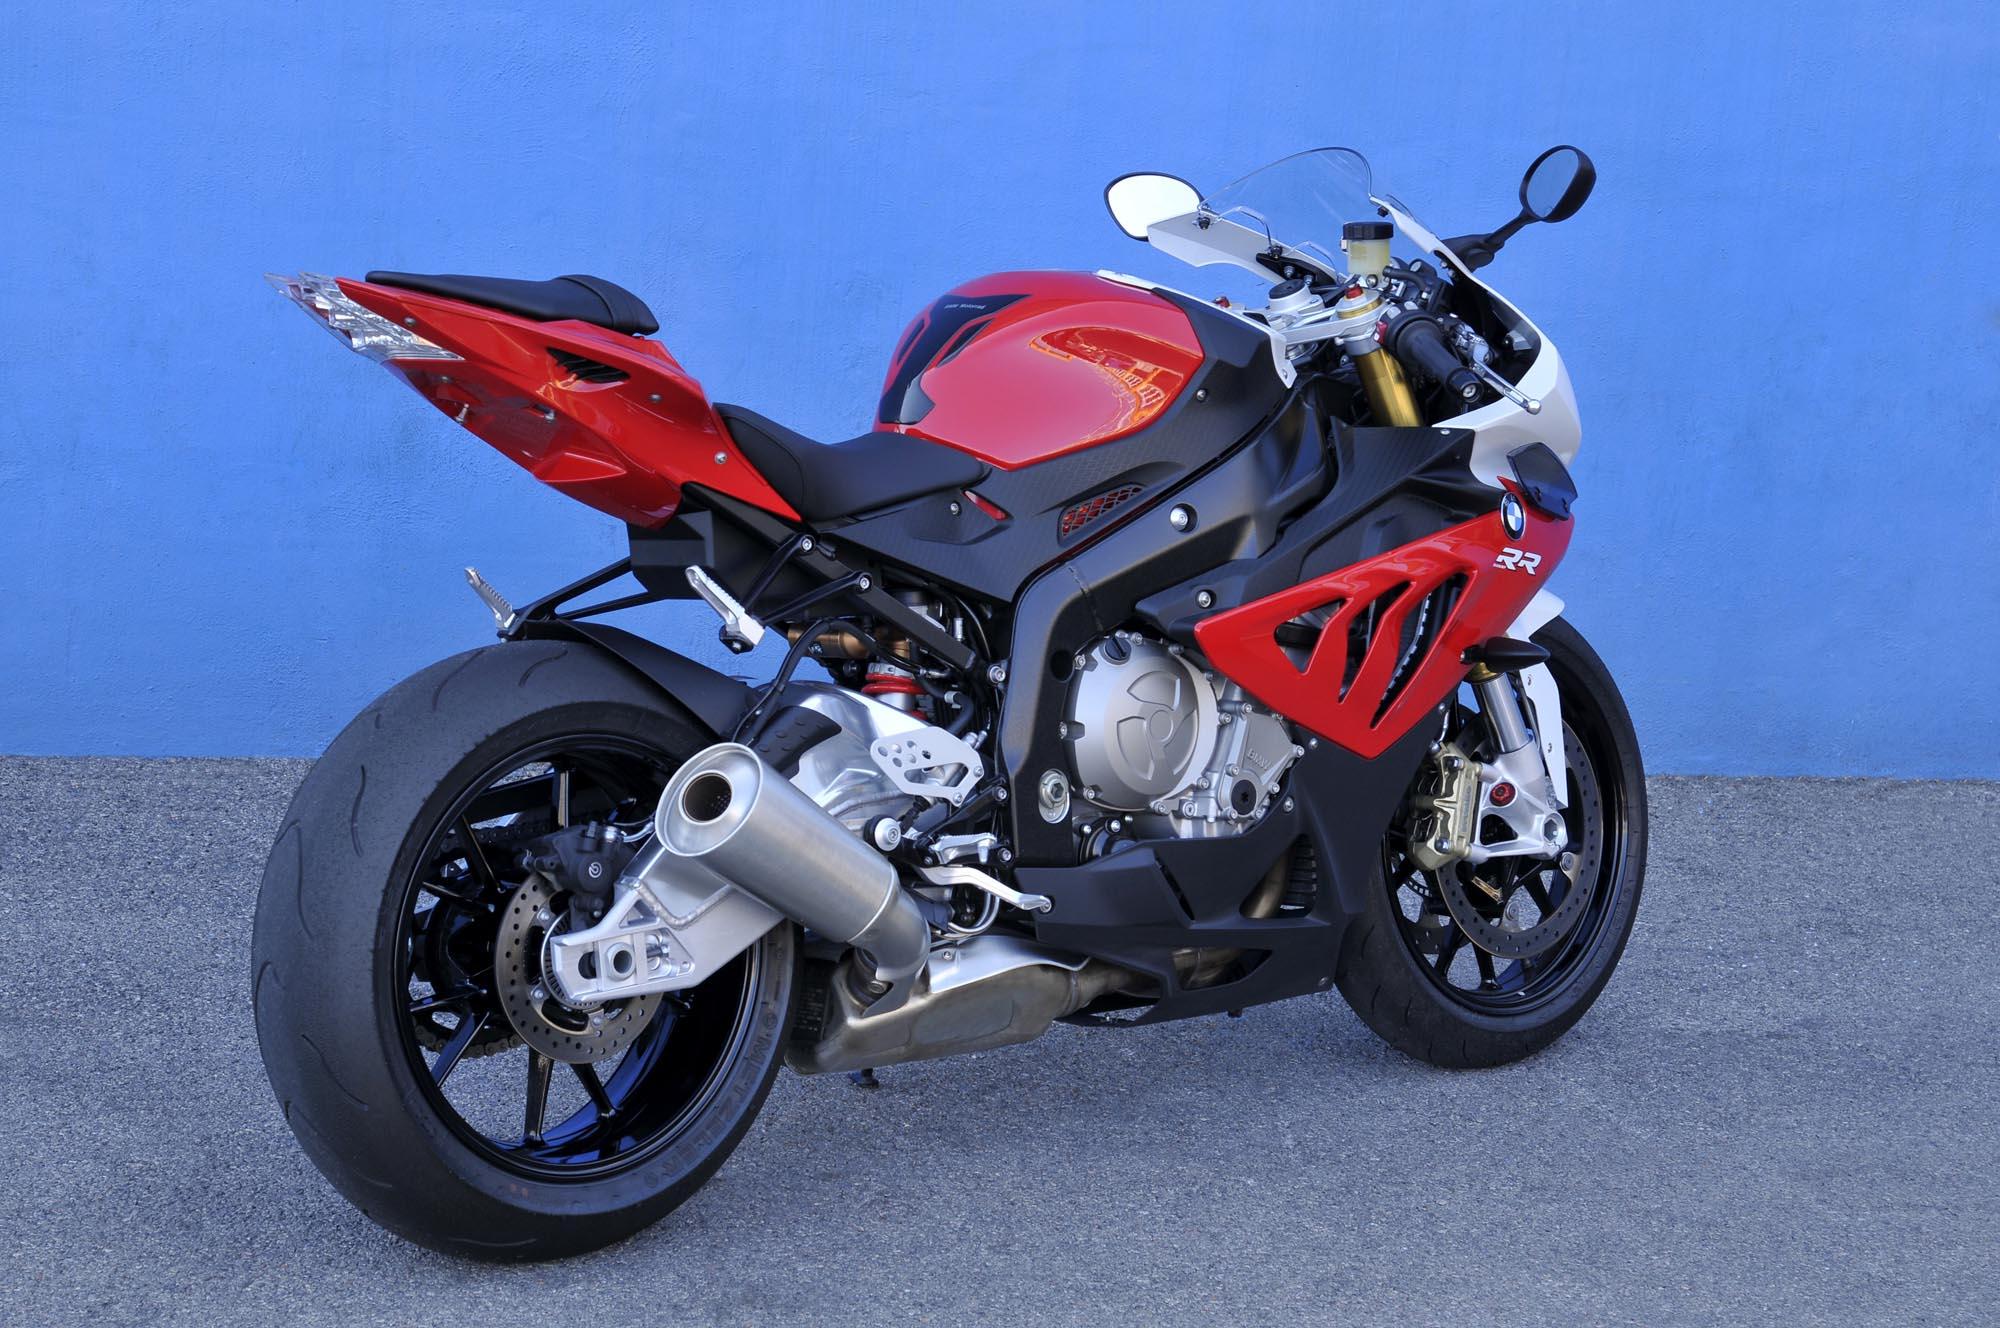 Bmw S1000rr 2019 Price Malaysia